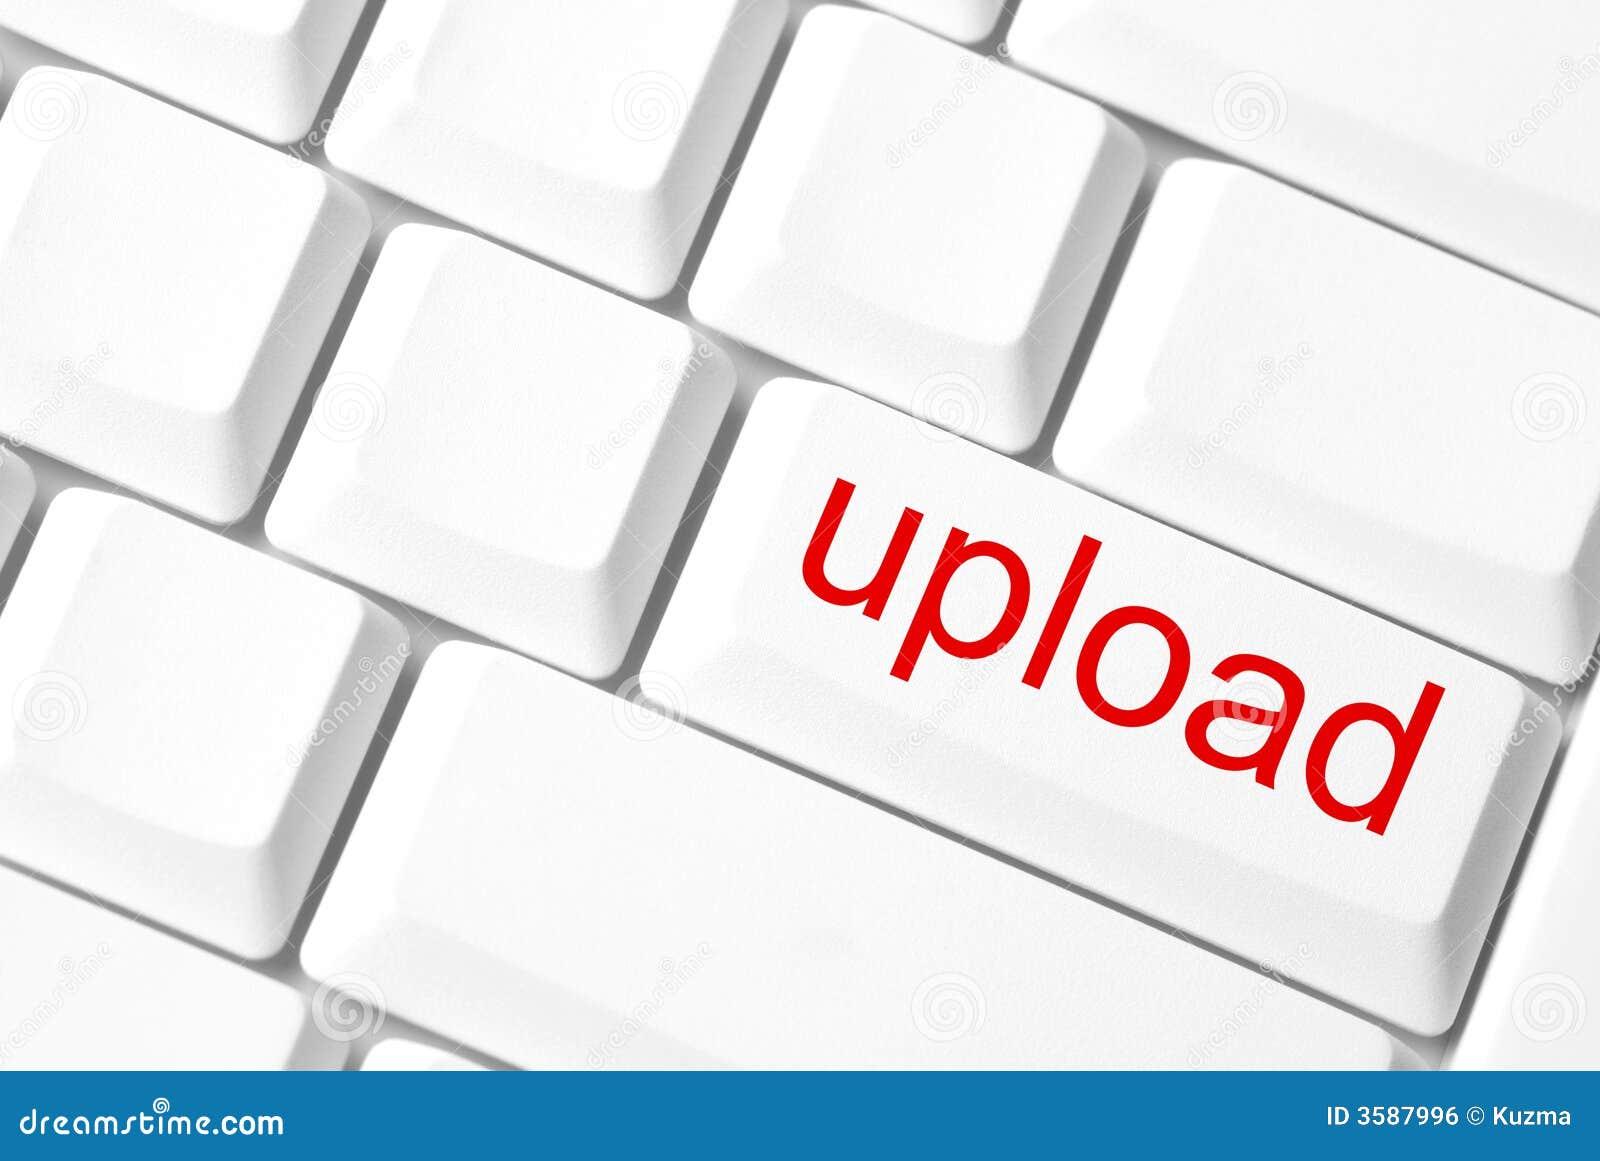 Tecla da transferência de arquivo pela rede